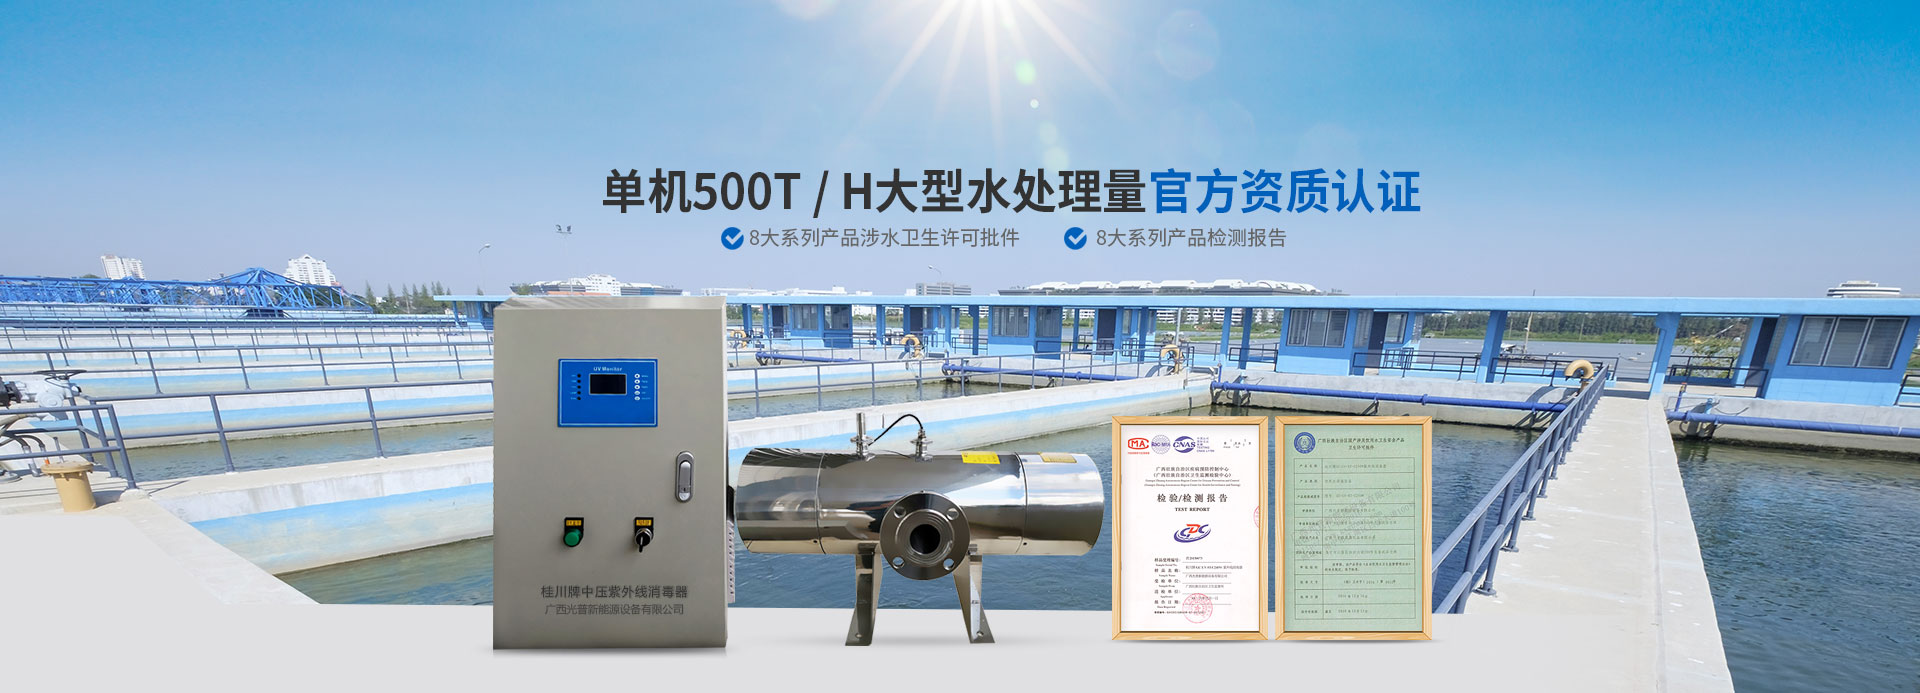 光普桂川-单机500T/H处理量